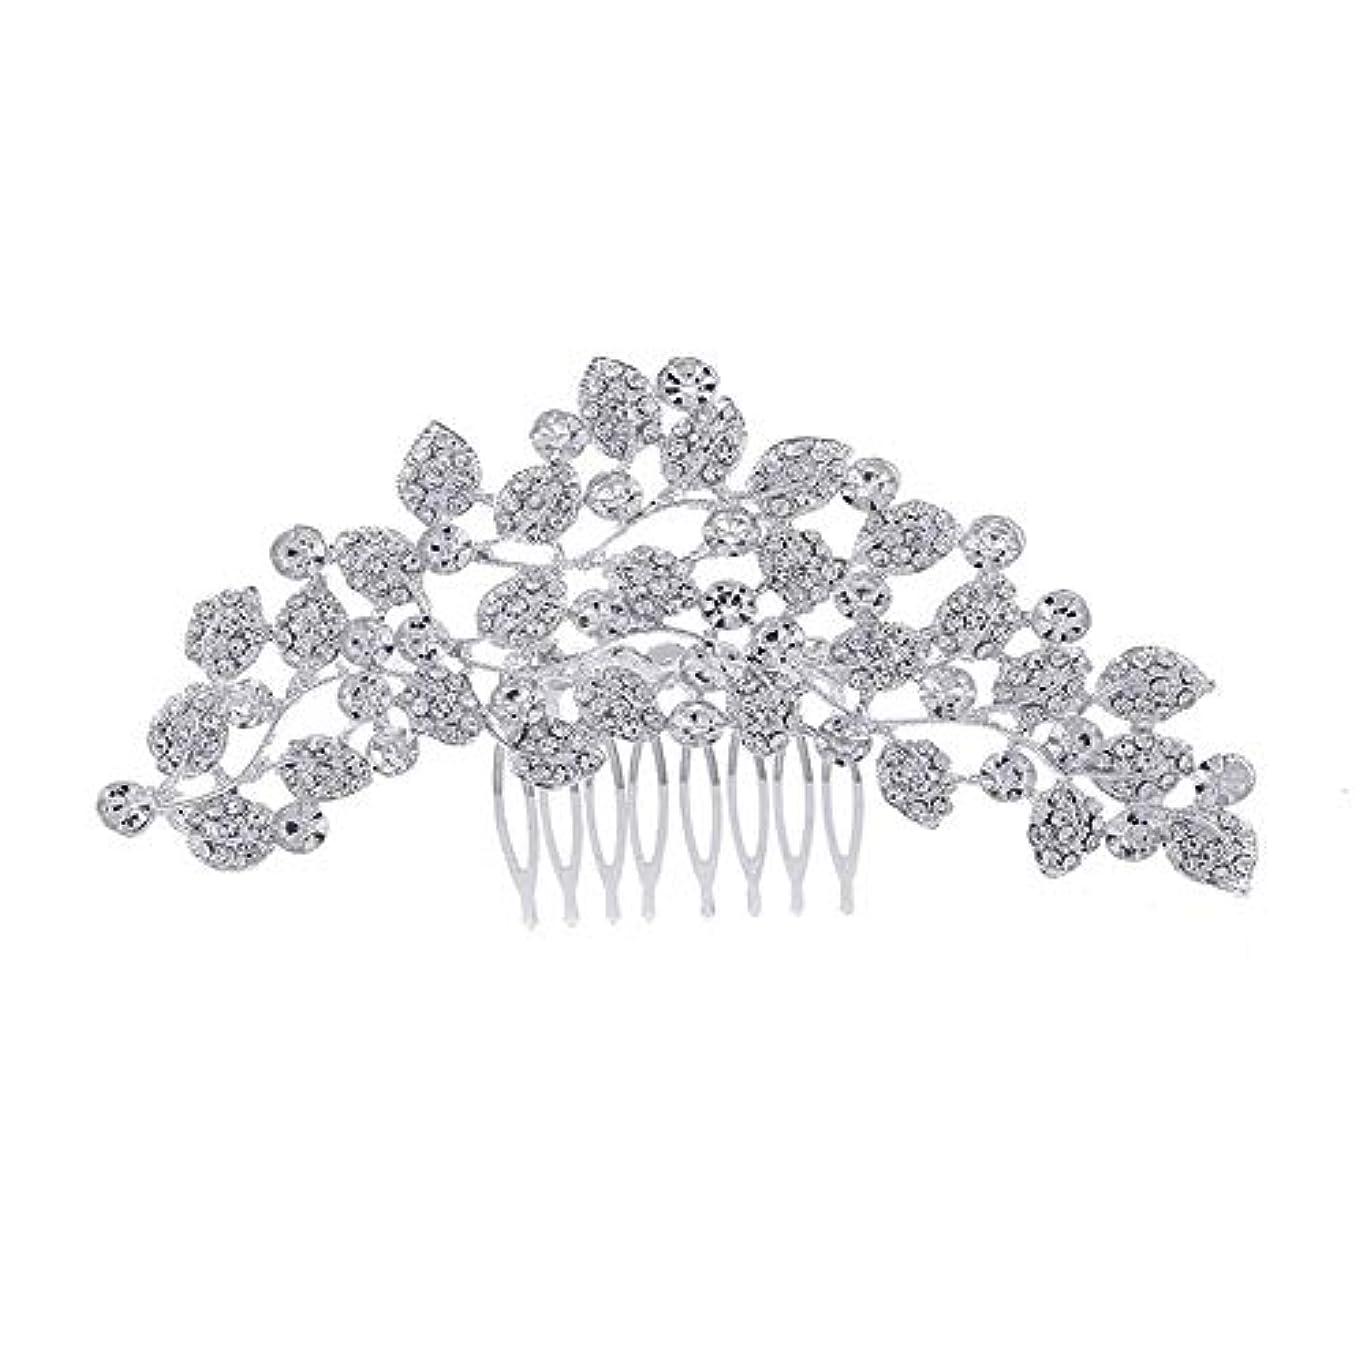 私達ベッドを作るバラエティ髪の櫛、櫛、ブライダル髪、櫛、髪の櫛、ラインストーンの櫛、葉の髪の櫛、結婚式の髪の櫛